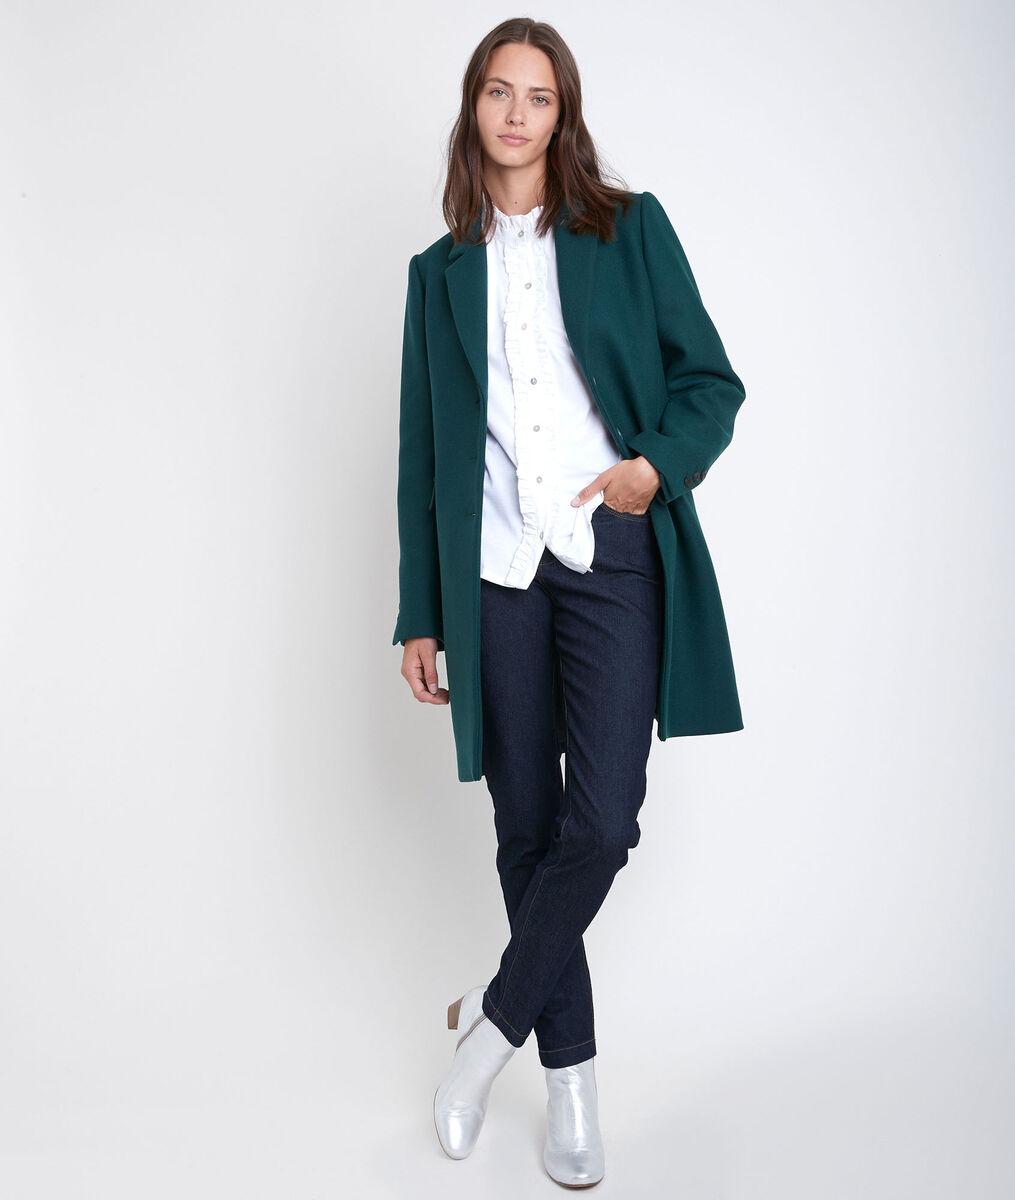 Manteau en laine droit émeraude Plume PhotoZ | 1-2-3